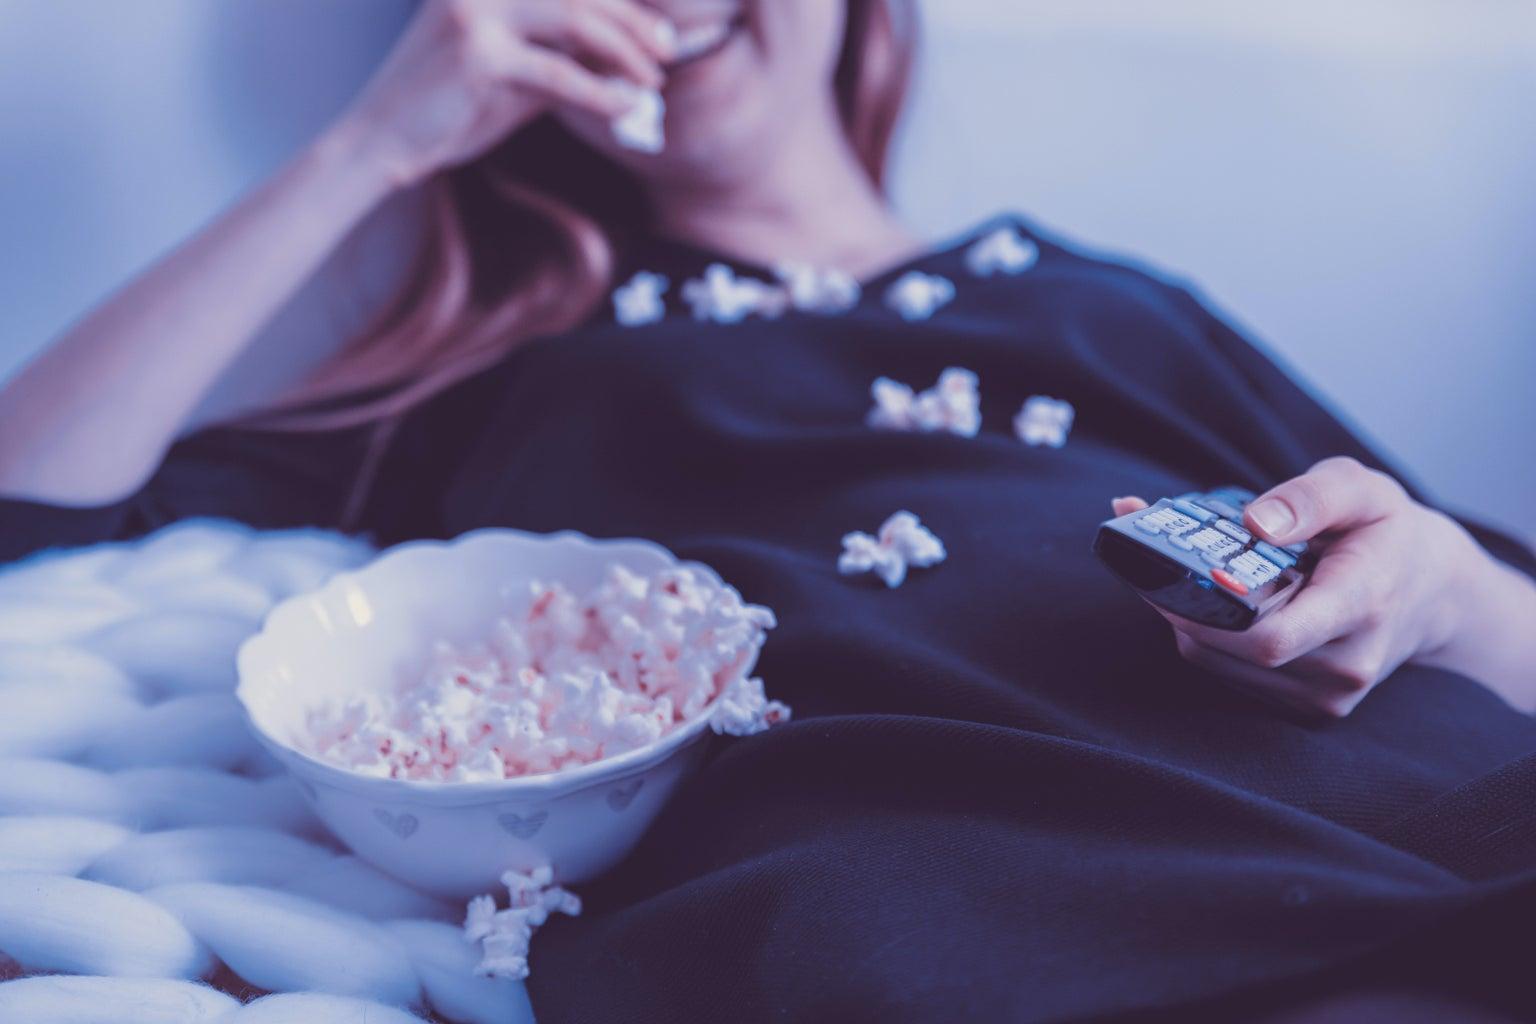 woman wearing black shirt eating popcorn